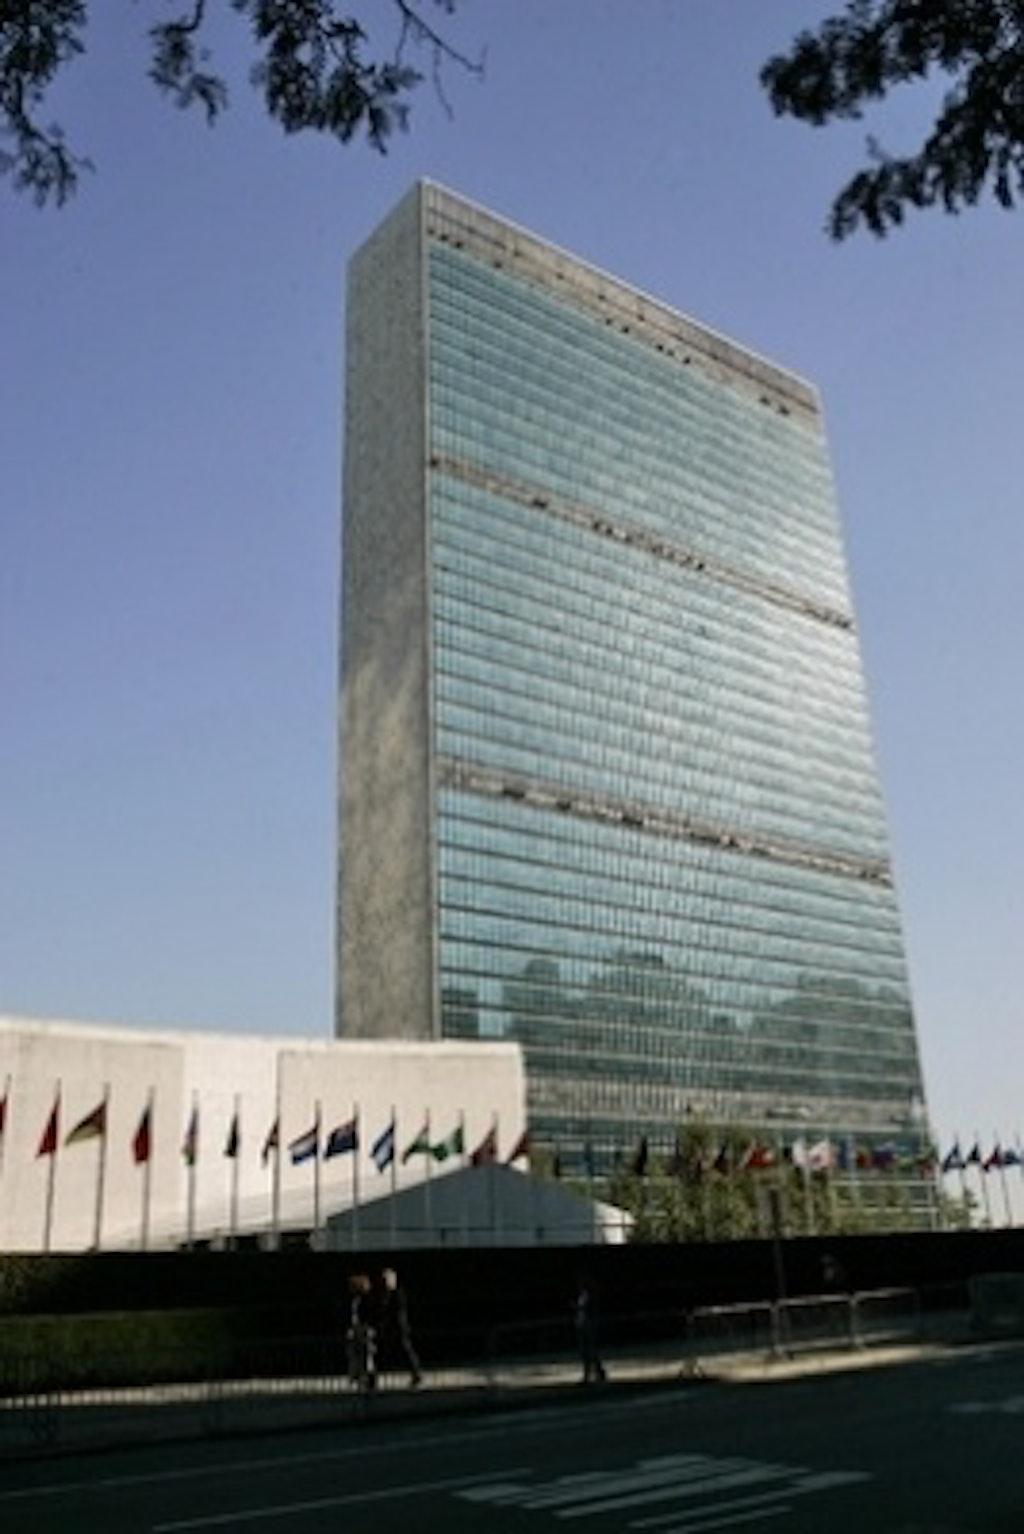 Le vote de l'ONU révèle une « profonde inquiétude » face aux violations des droits de la personne en Iran